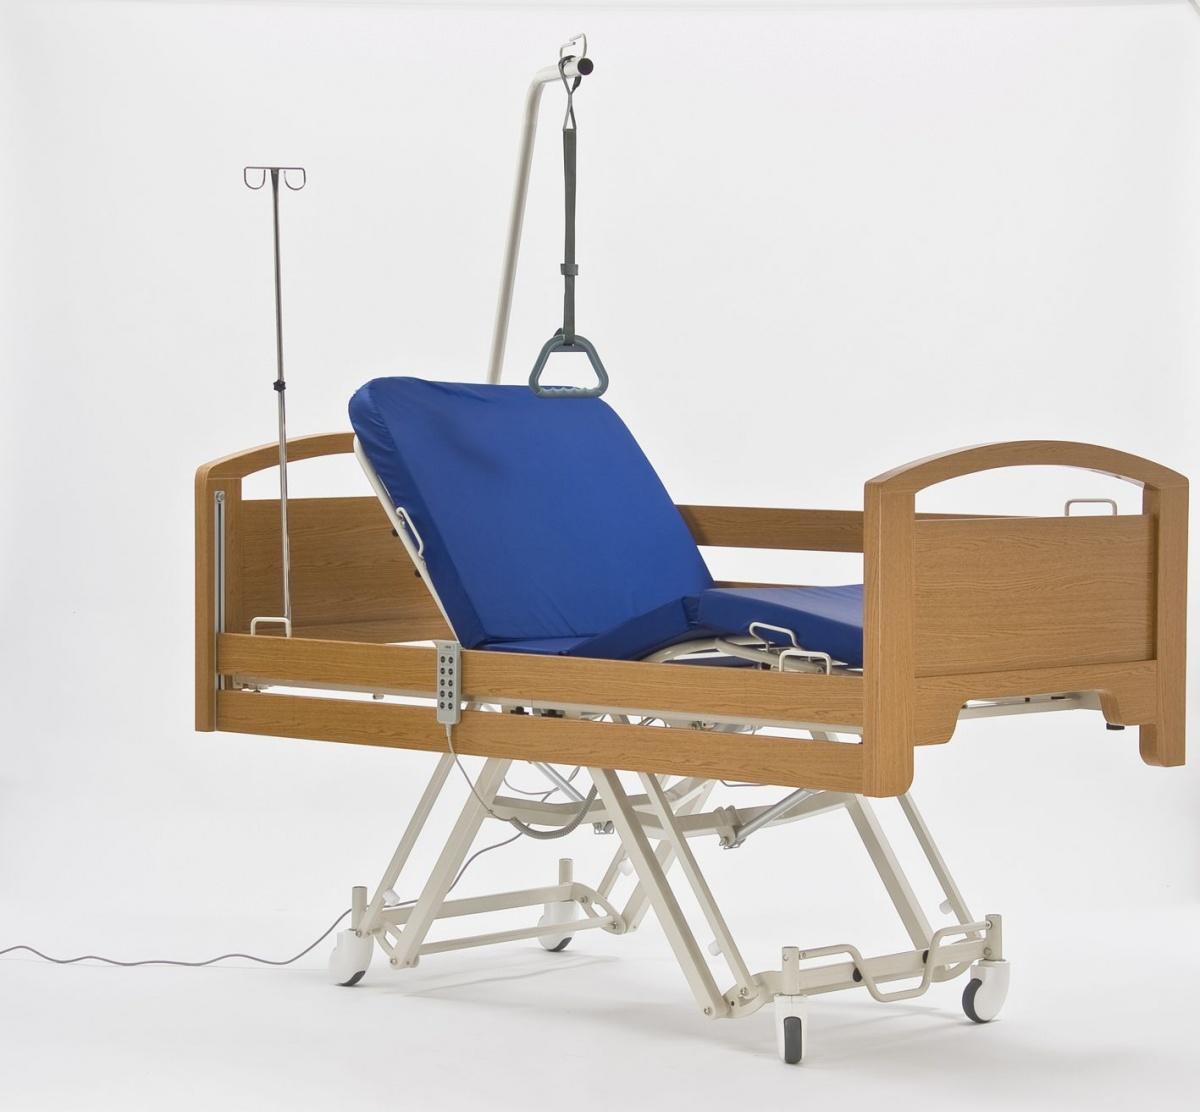 Картинка для лежачих больных